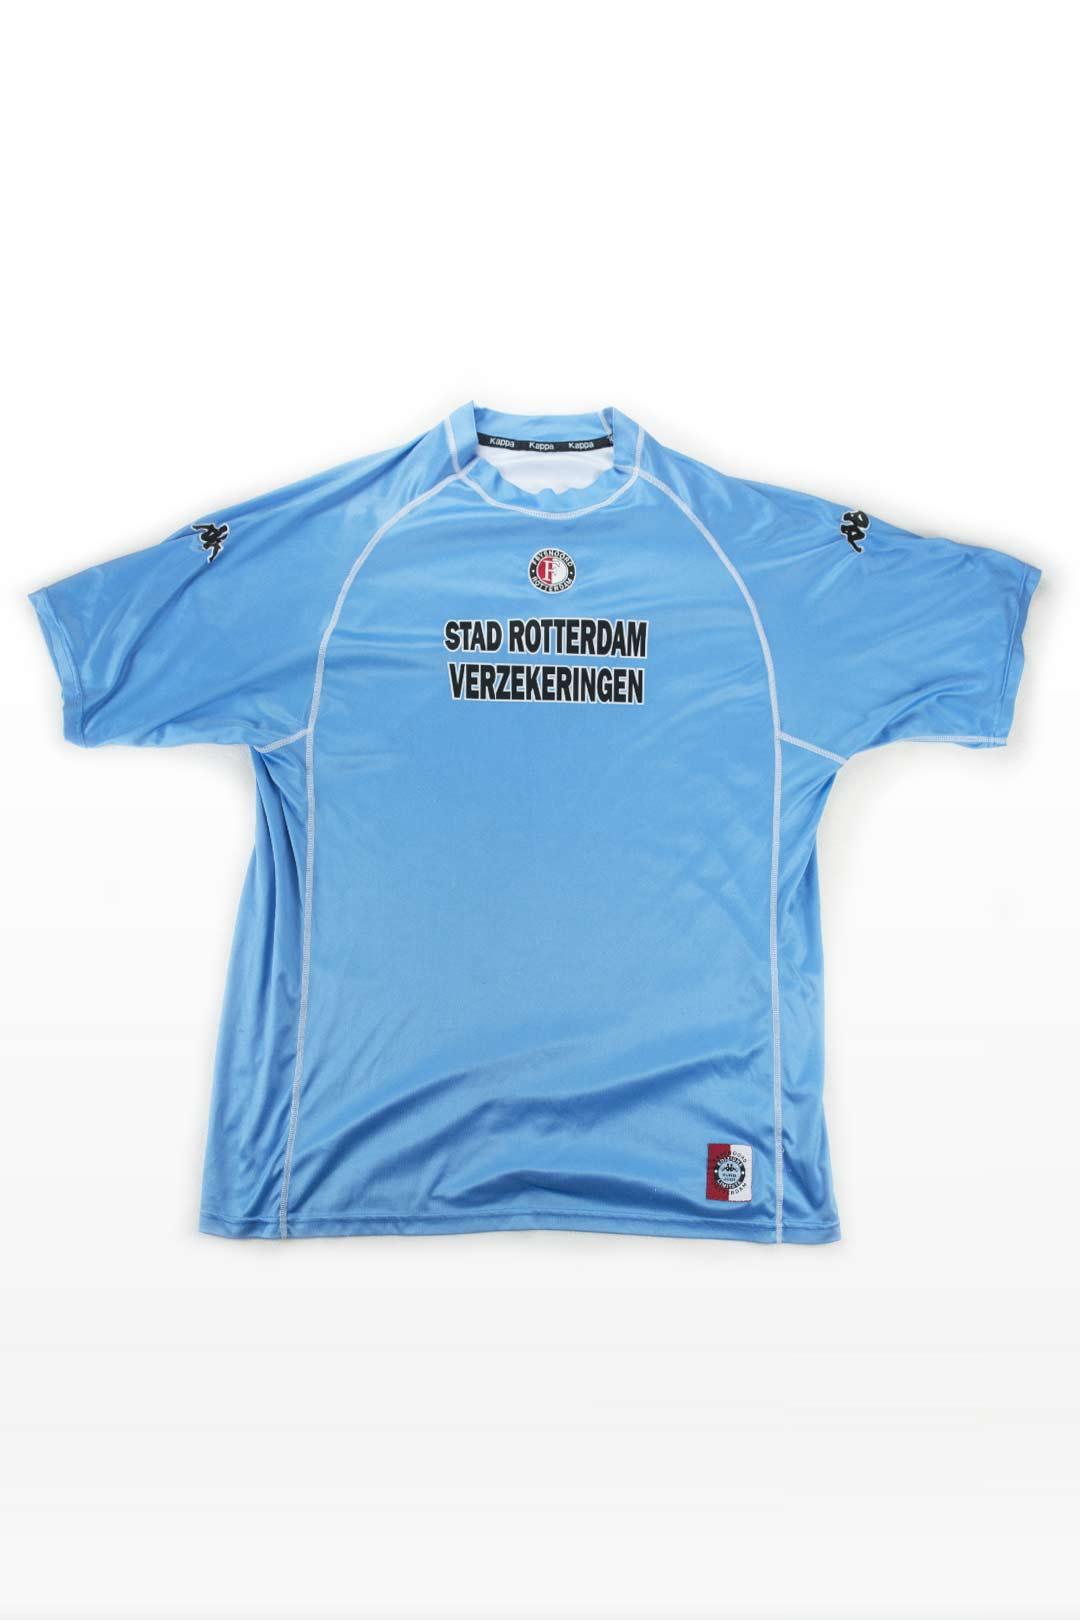 2001 - 2002, Europees Feyenoord Uitshirt